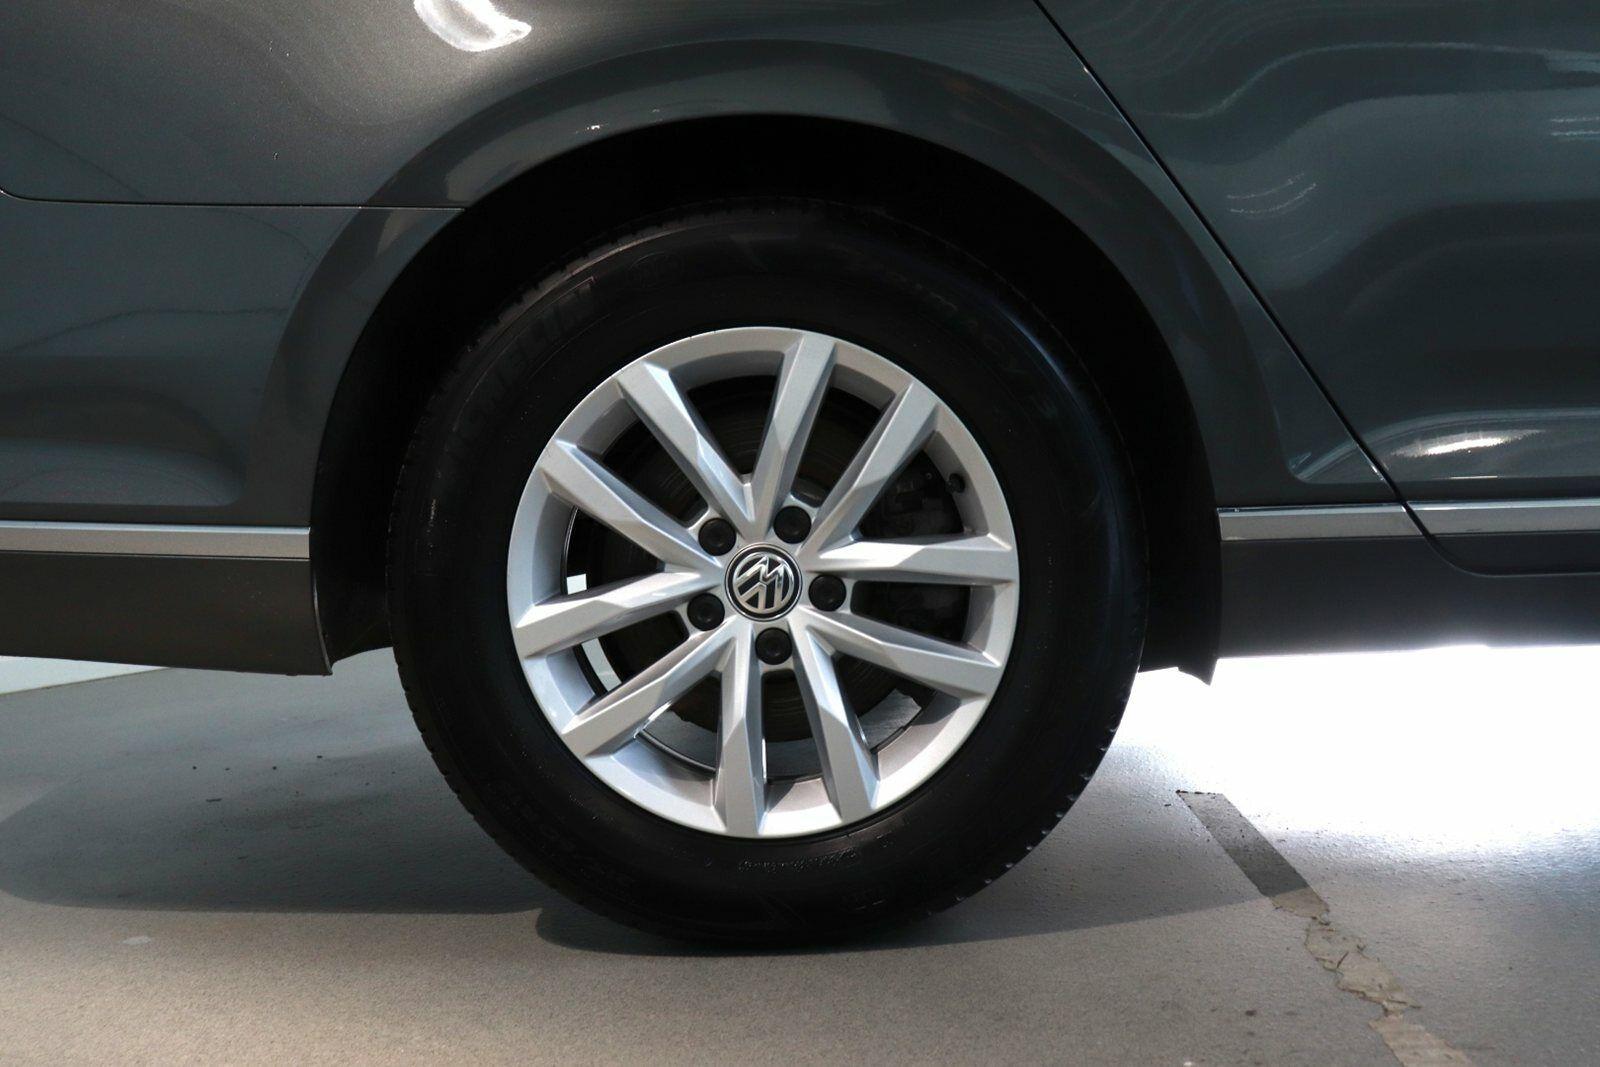 VW Passat TDi 150 Highline Variant